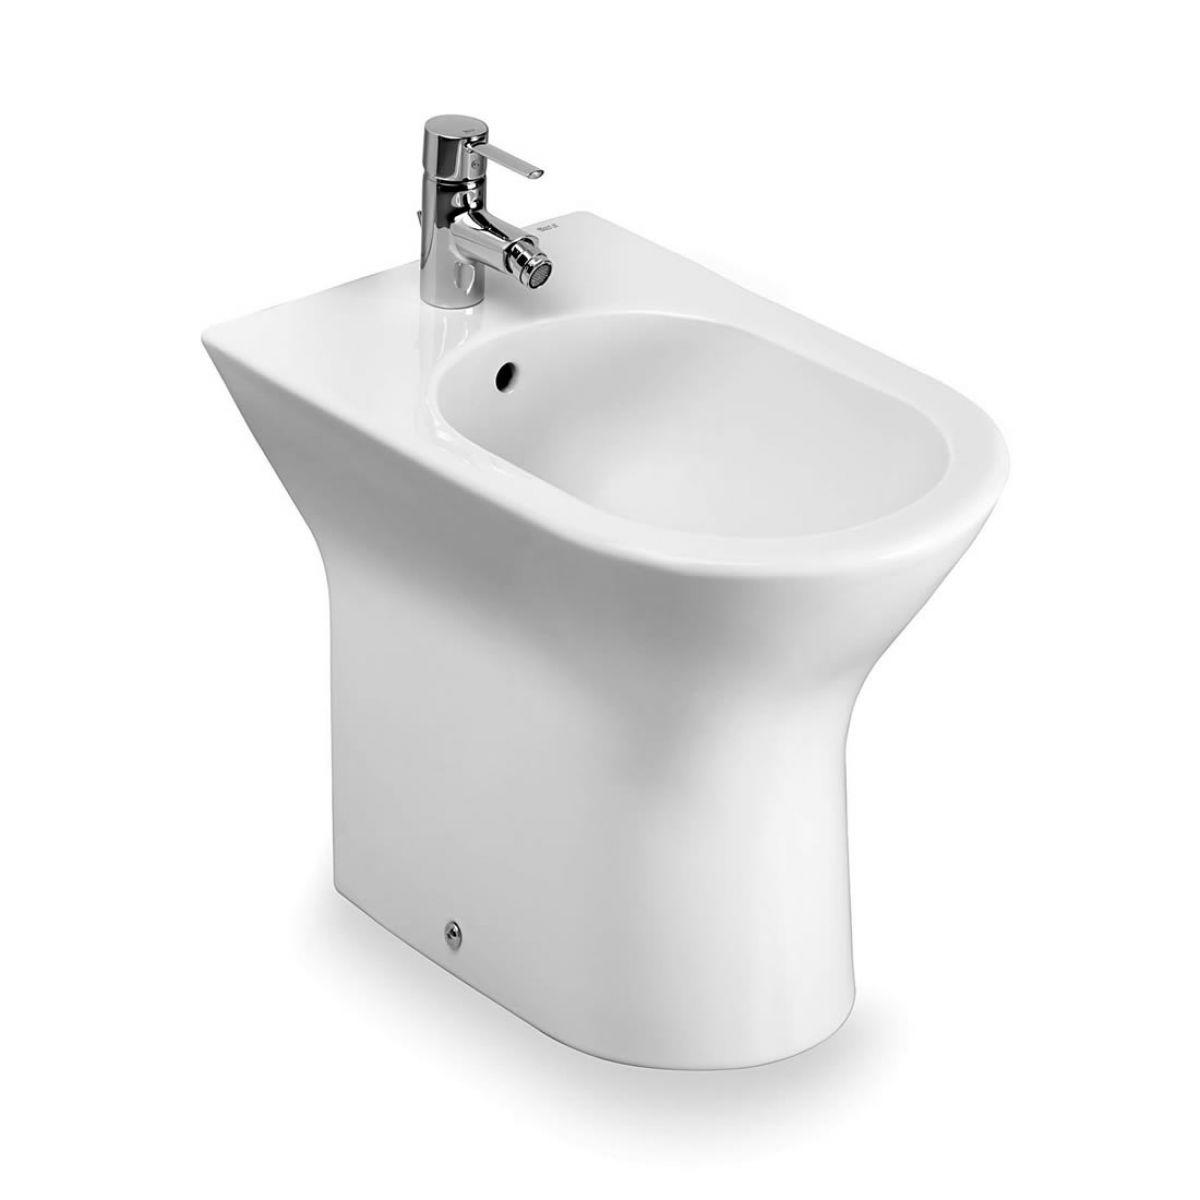 Roca Nexo Floorstanding Bidet. Roca Nexo Floorstanding Bidet   UK Bathrooms